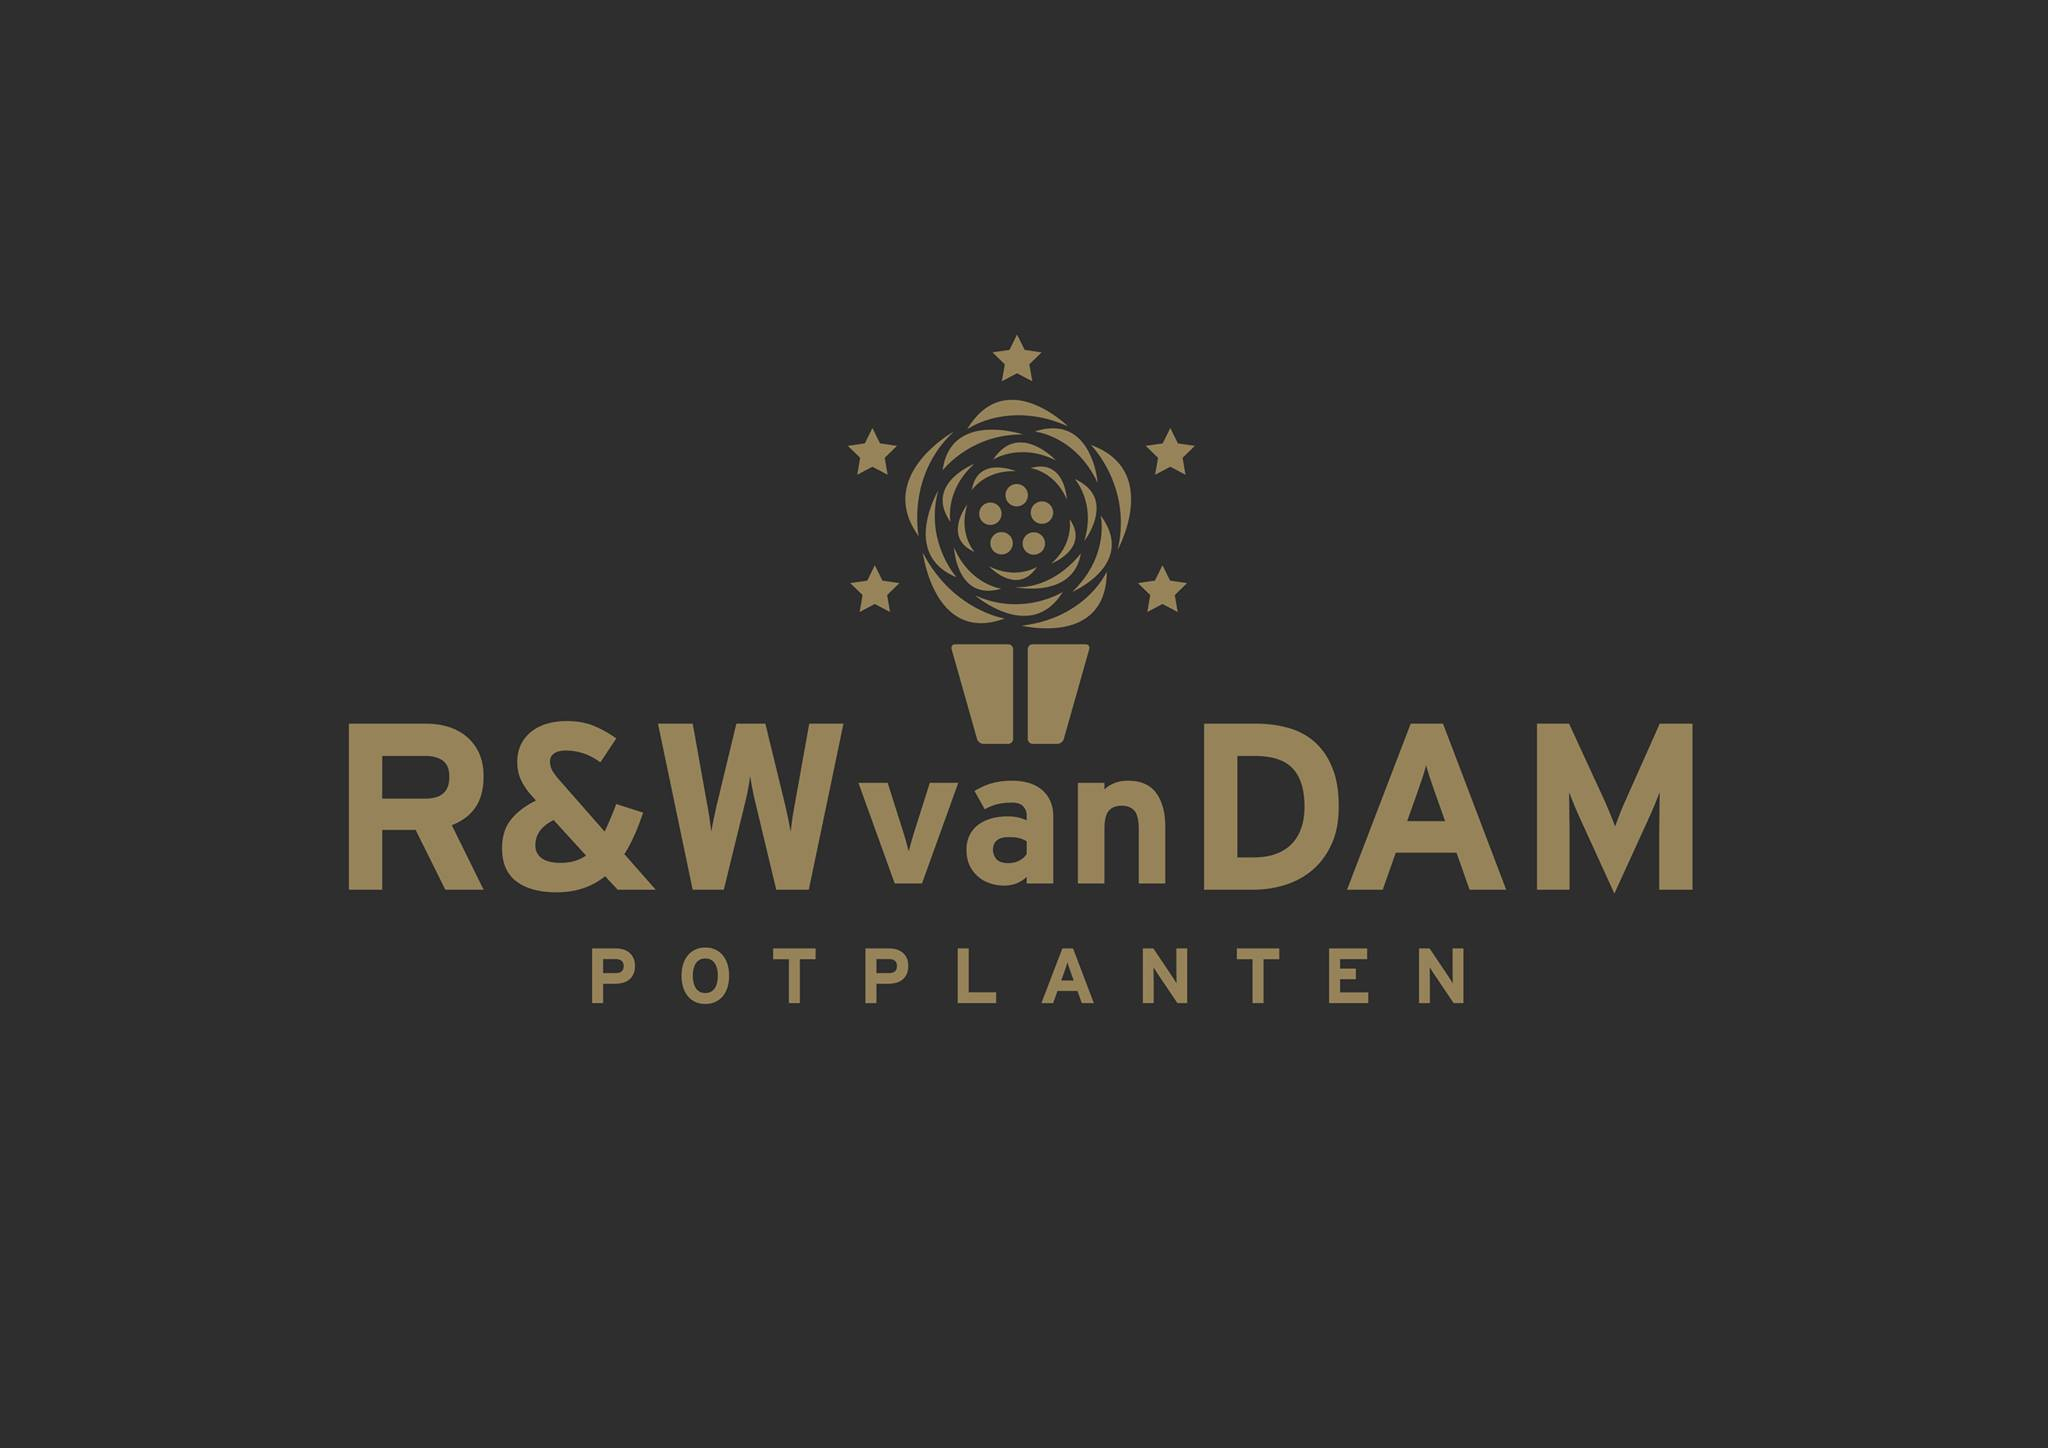 R&W van Dam